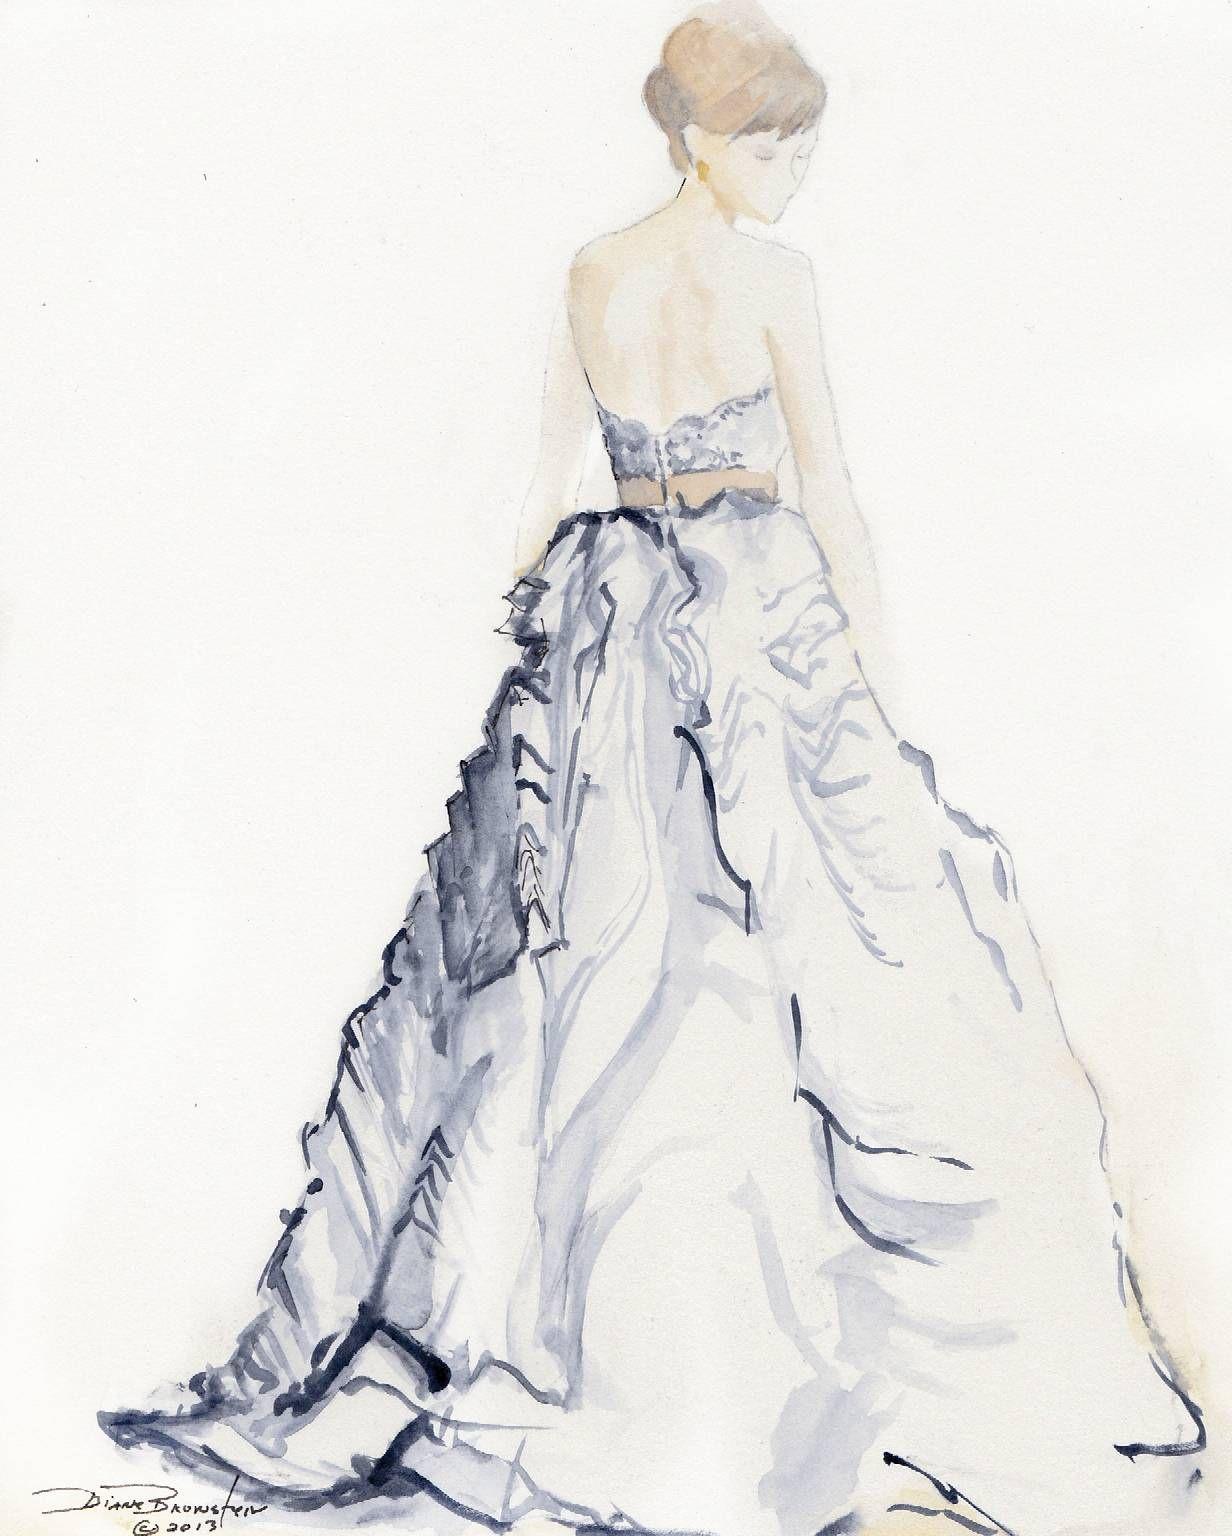 Wedding Dress Paintings By Diane Bronstein Wedding Dress